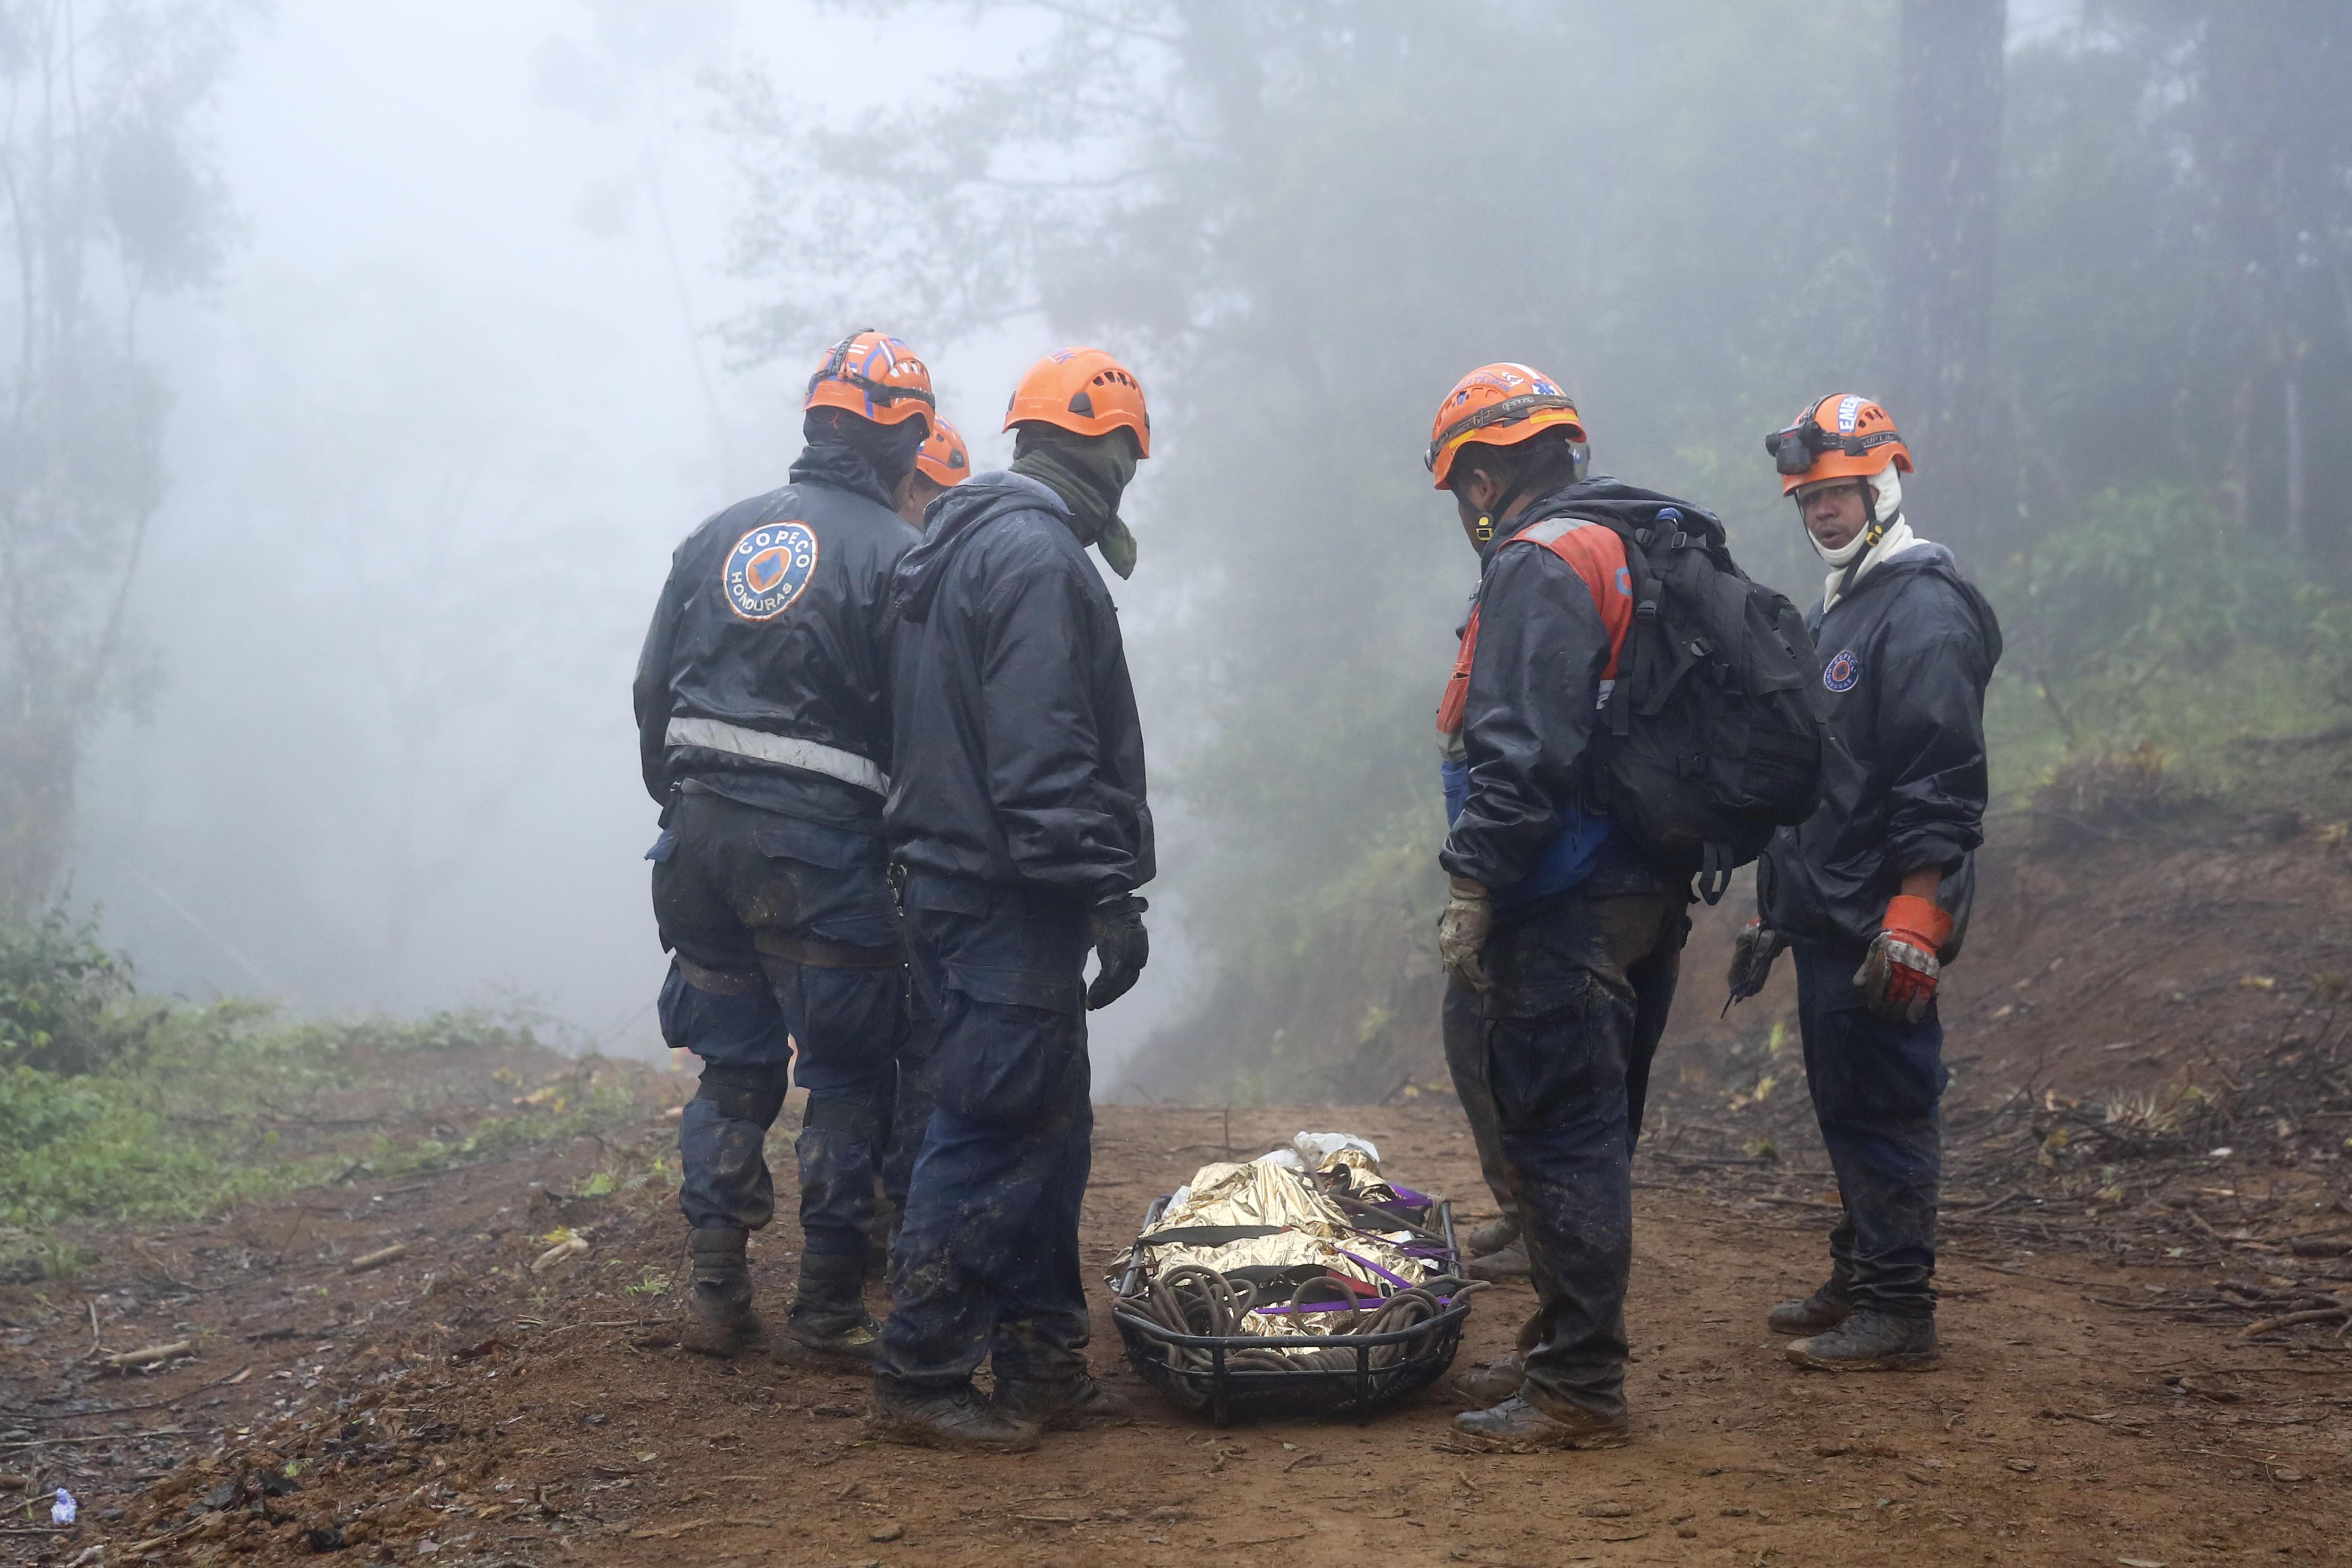 Efectius d'emergències treballen en les tasques de recuperació de cossos després d'un accident d'helicòpter a Hondures. /GUSTAVO AMADOR